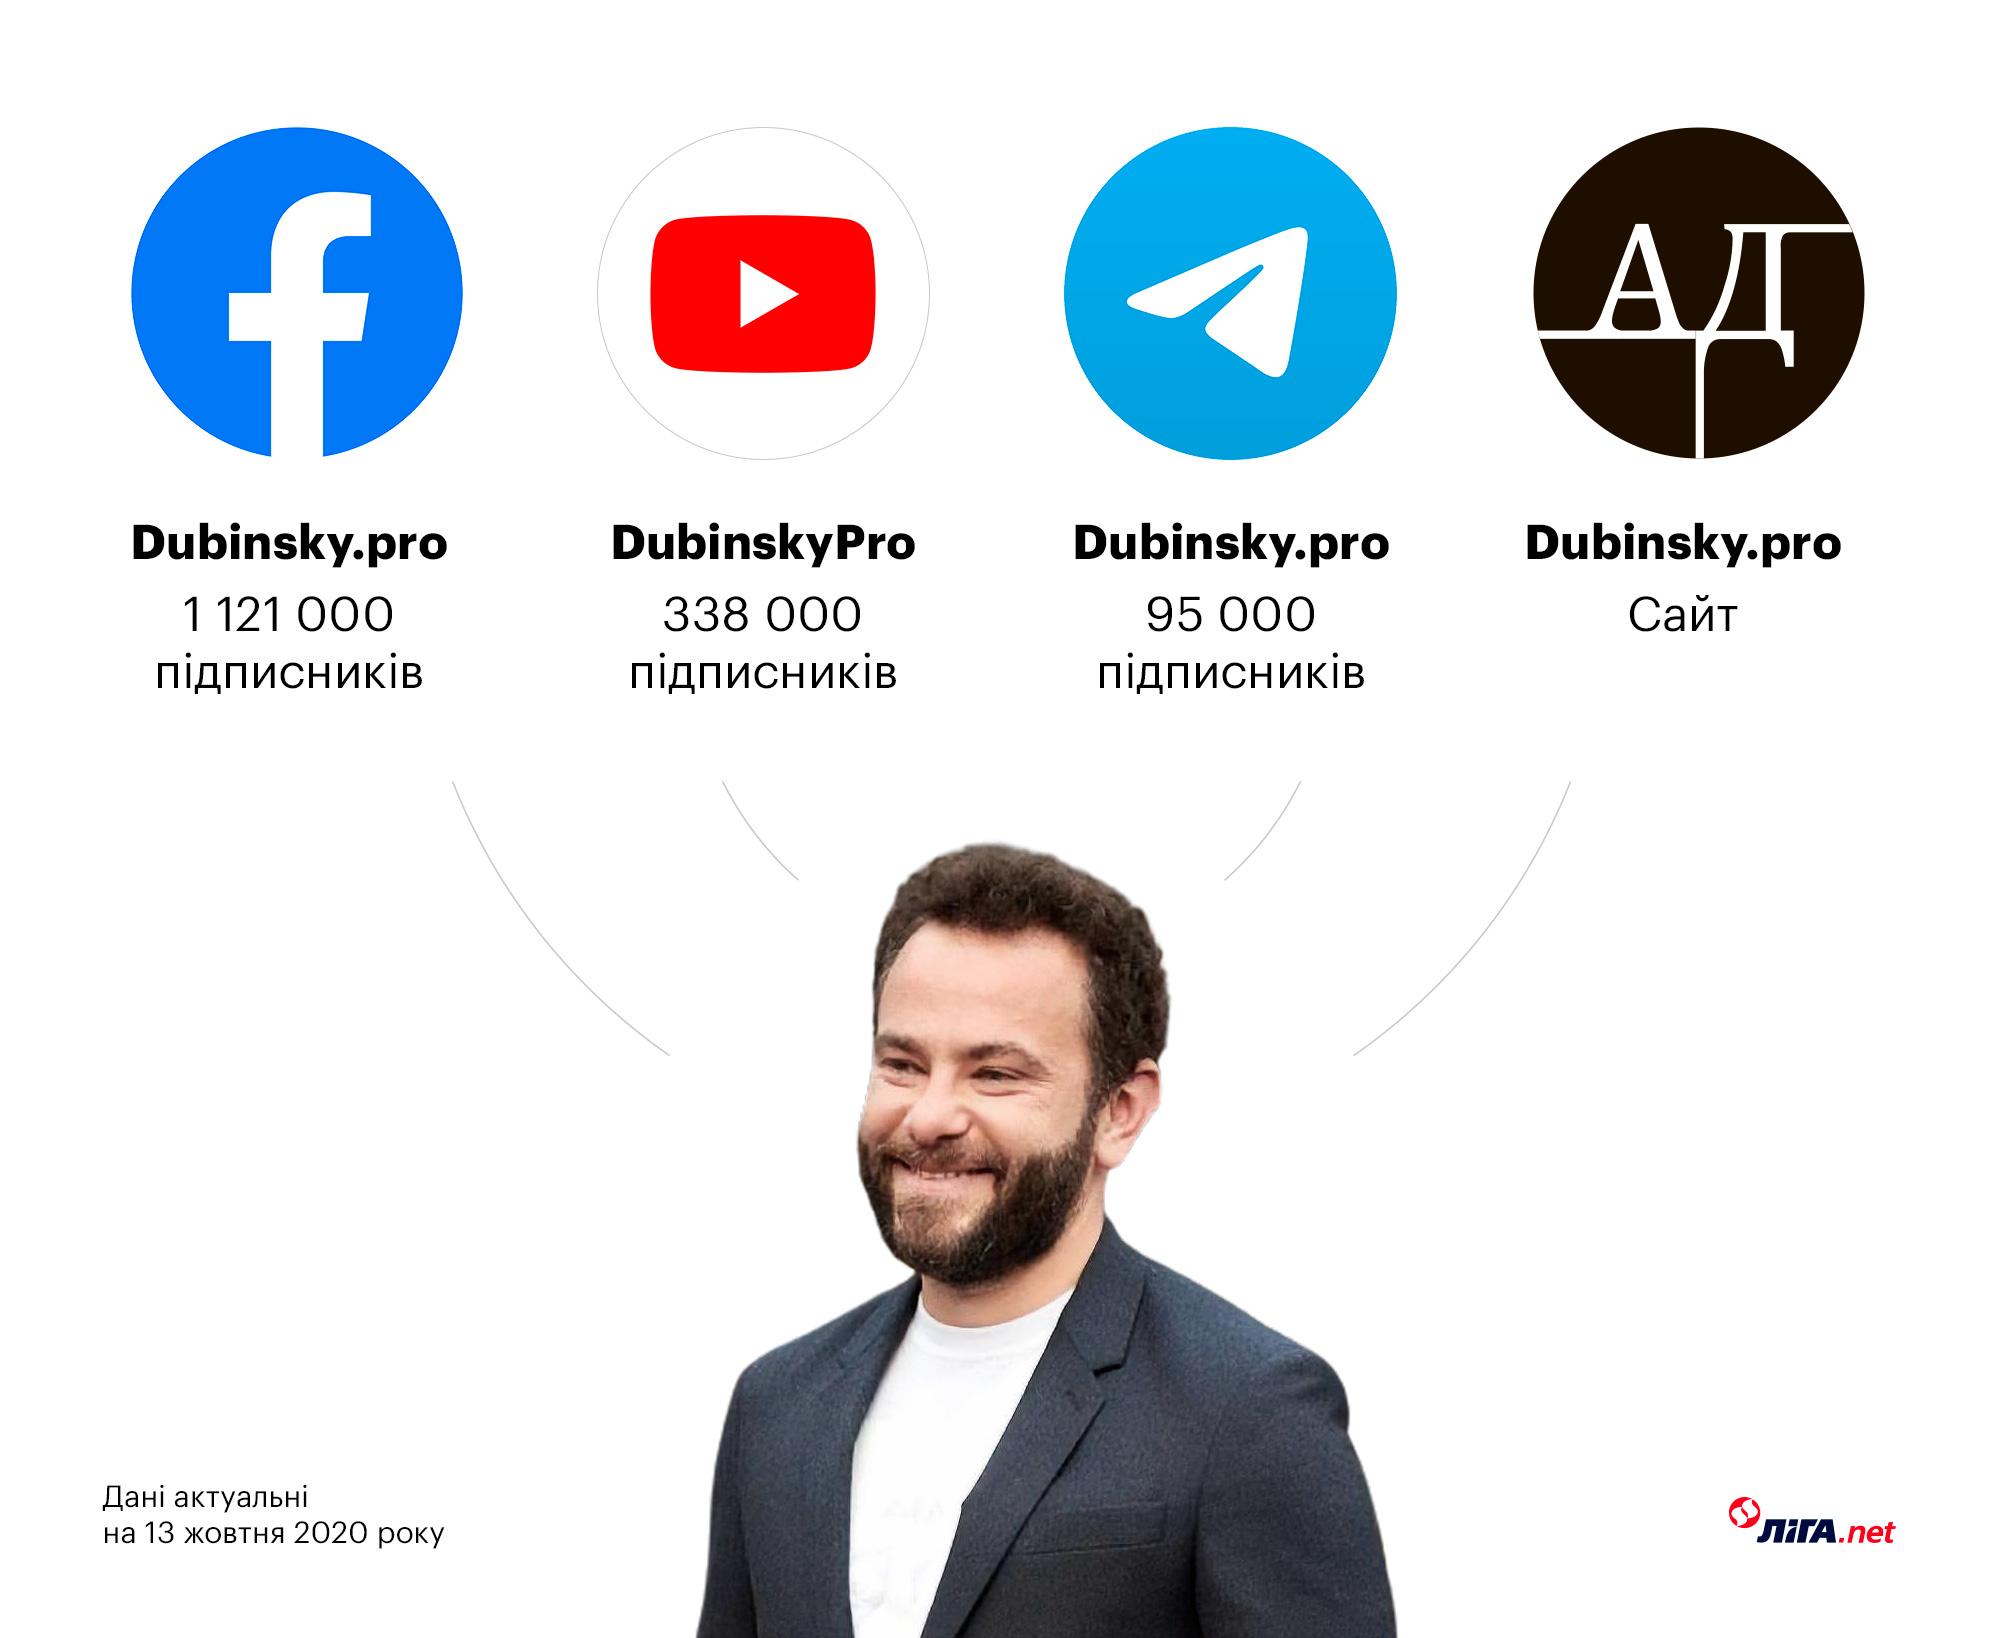 Медіаактиви Дубінського (інфографіка – Євген Адаменков/LIGA.net)